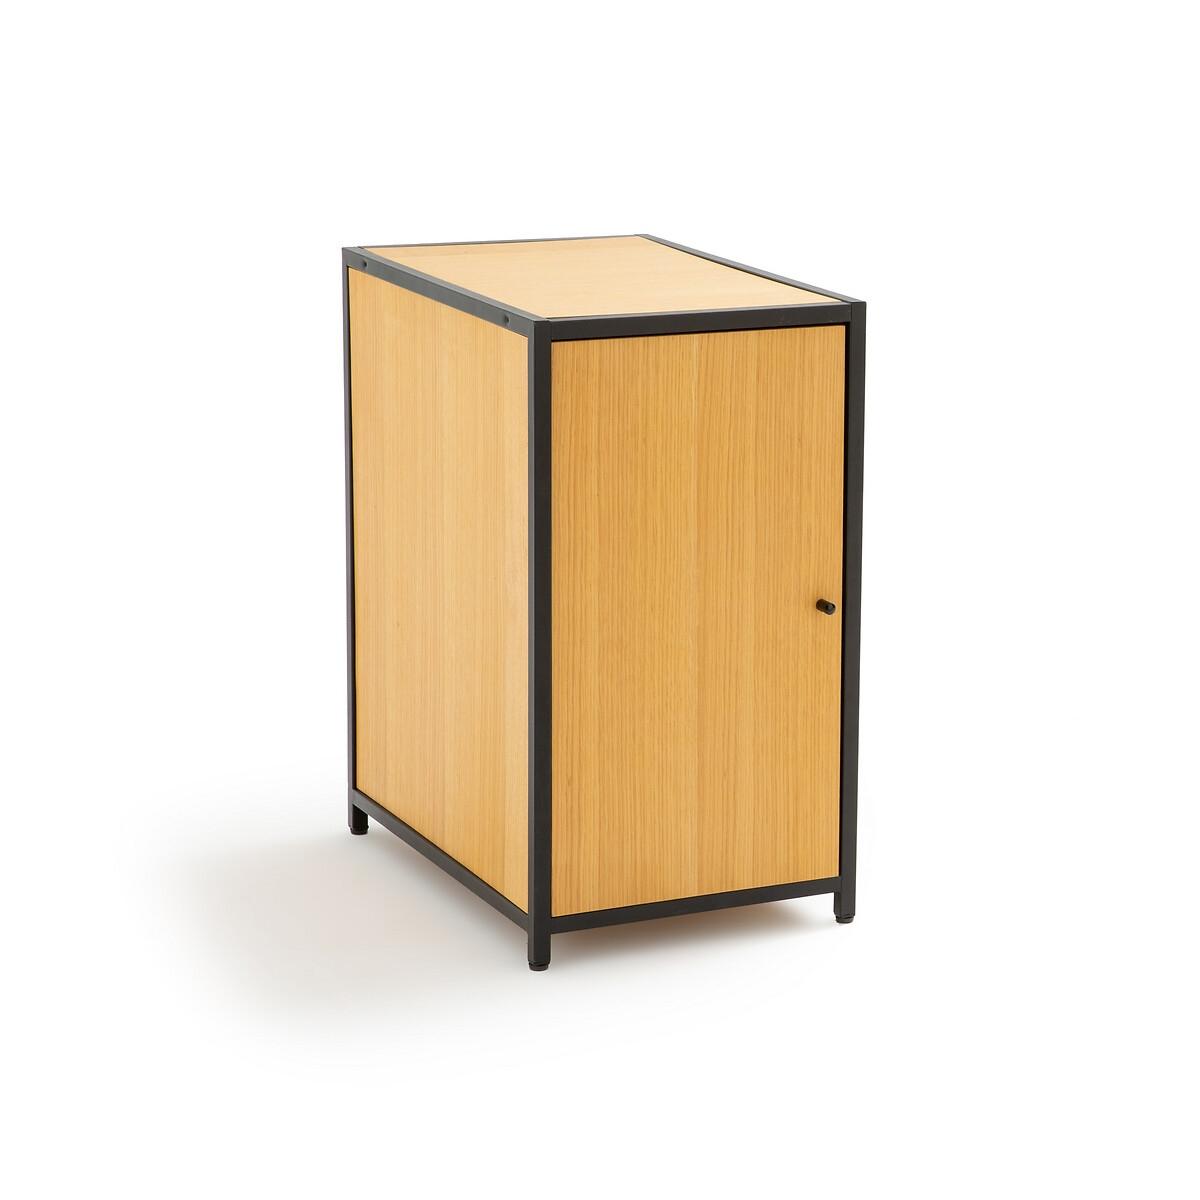 Ящик LaRedoute Письменного стола с 1 дверкой Talist единый размер бежевый